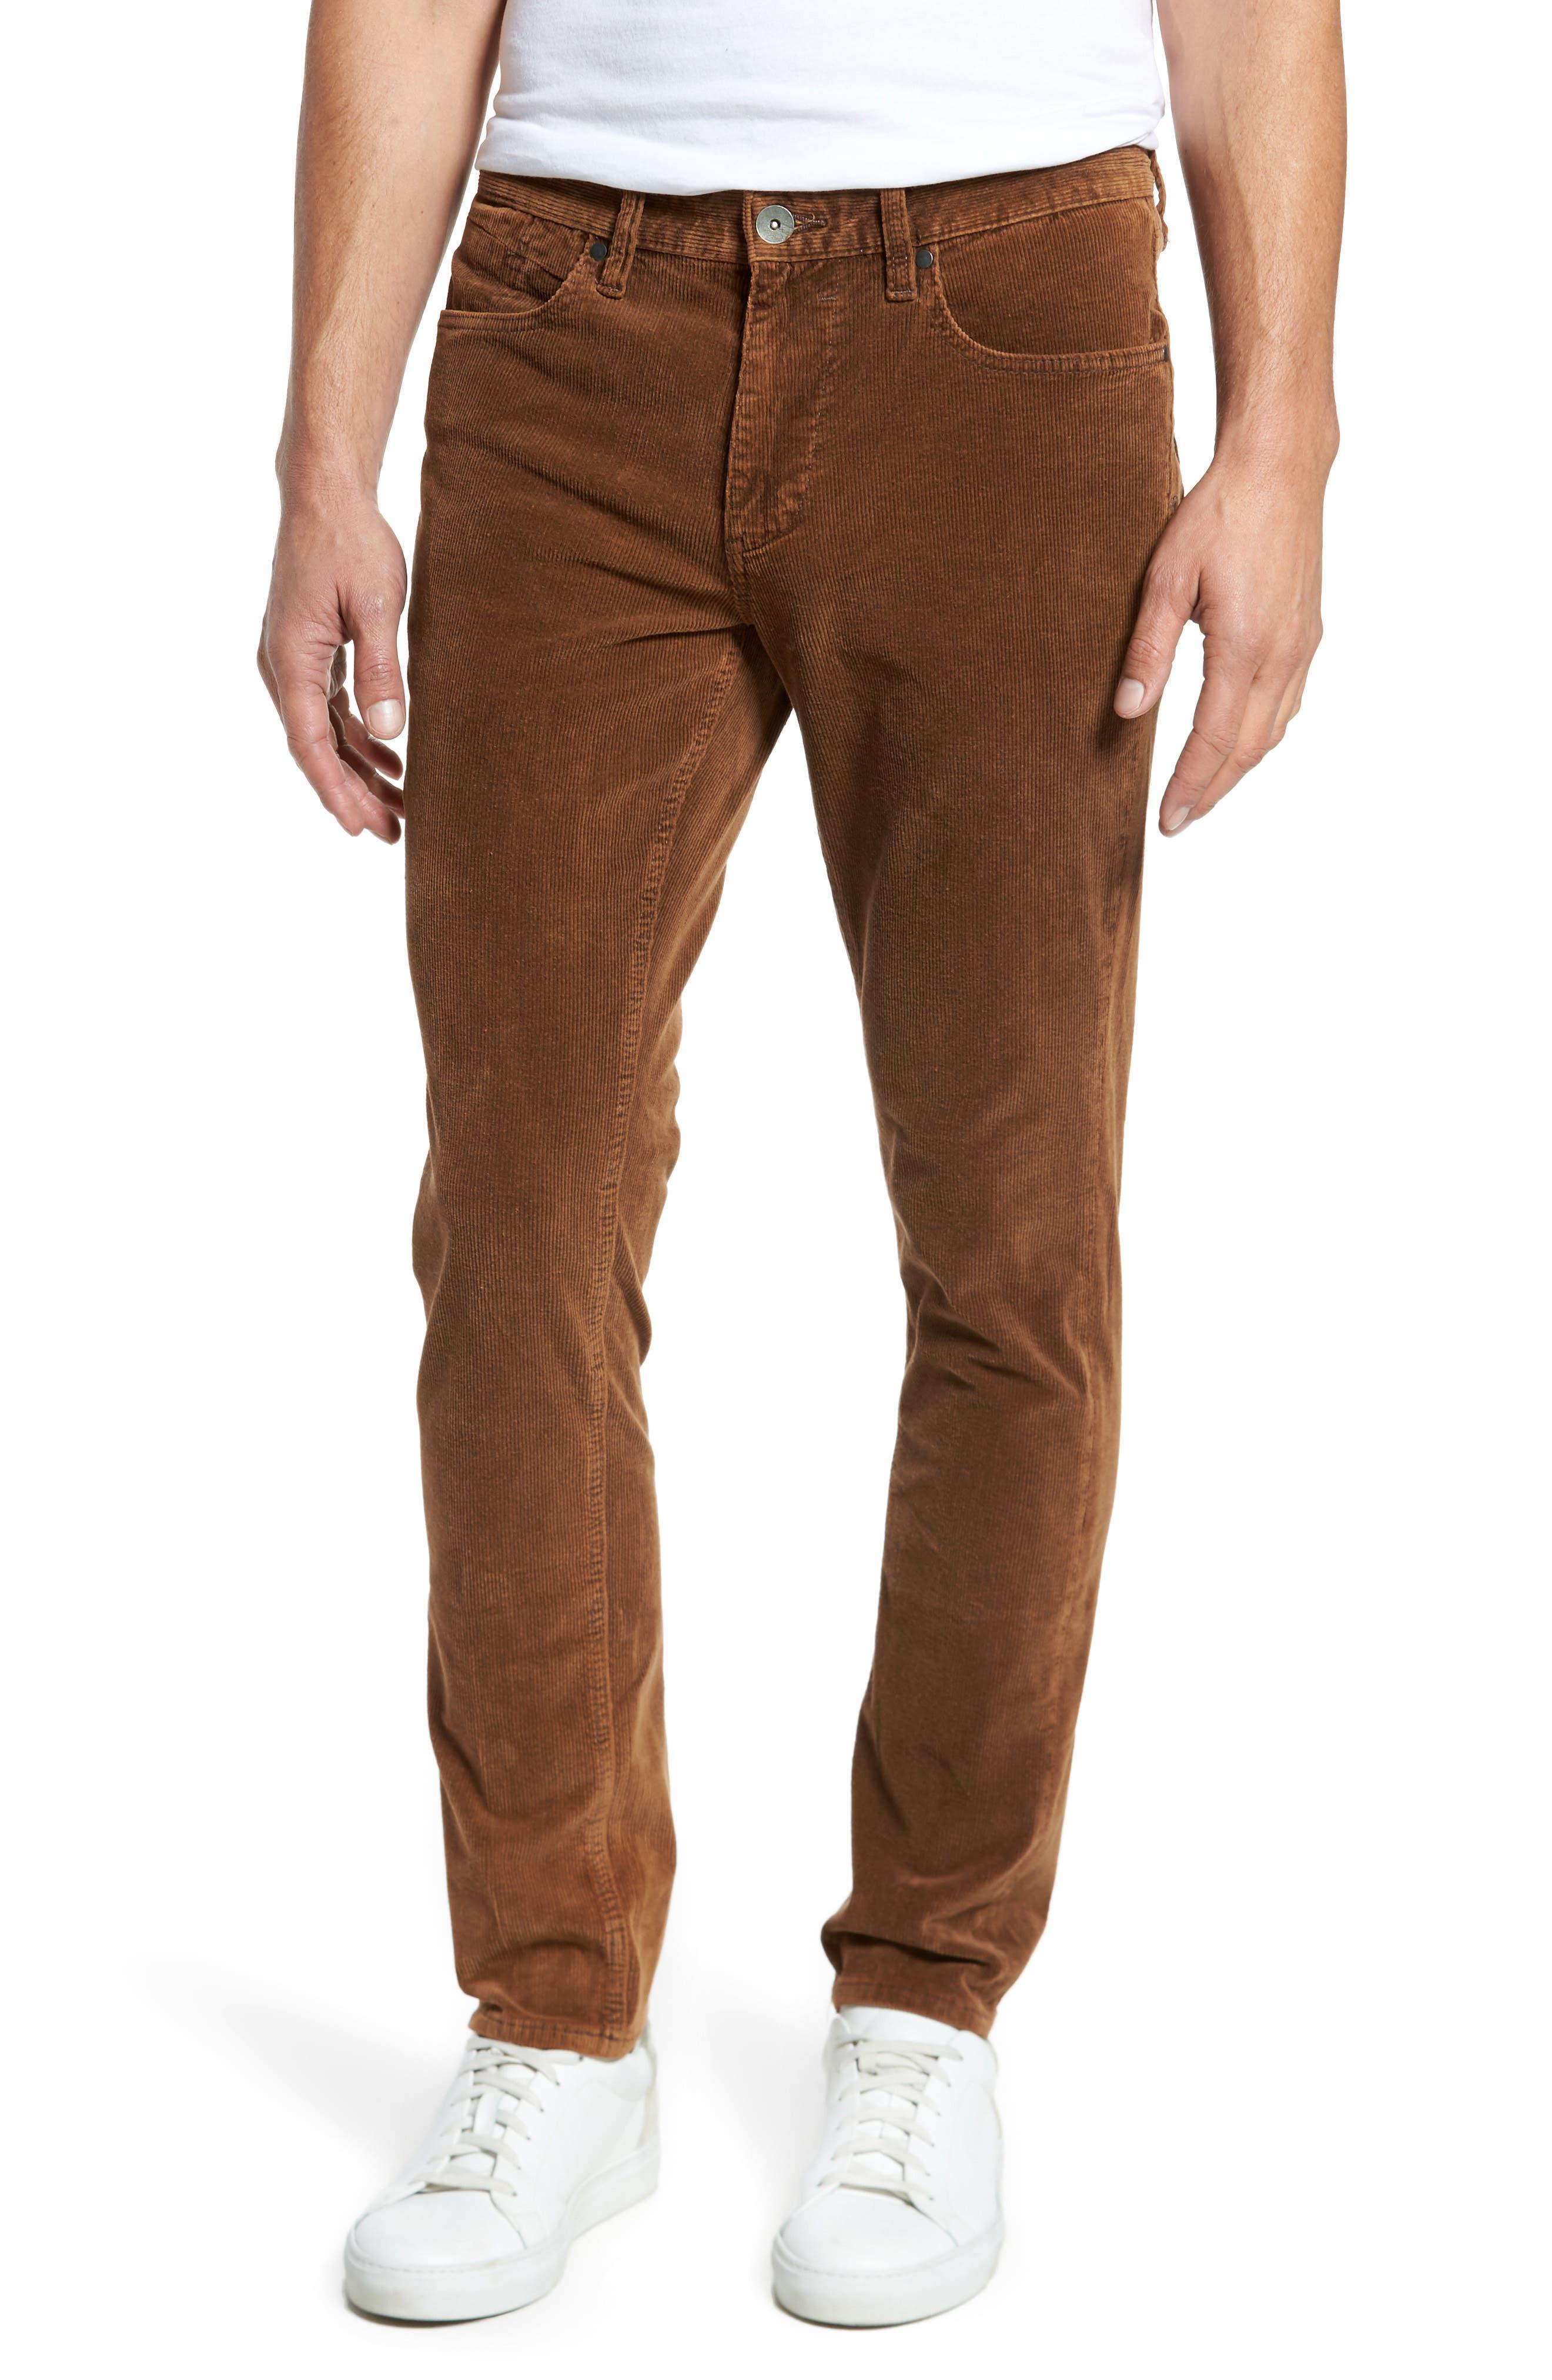 Alternate Image 1 Selected - Billabong Outsider Corduroy Pants